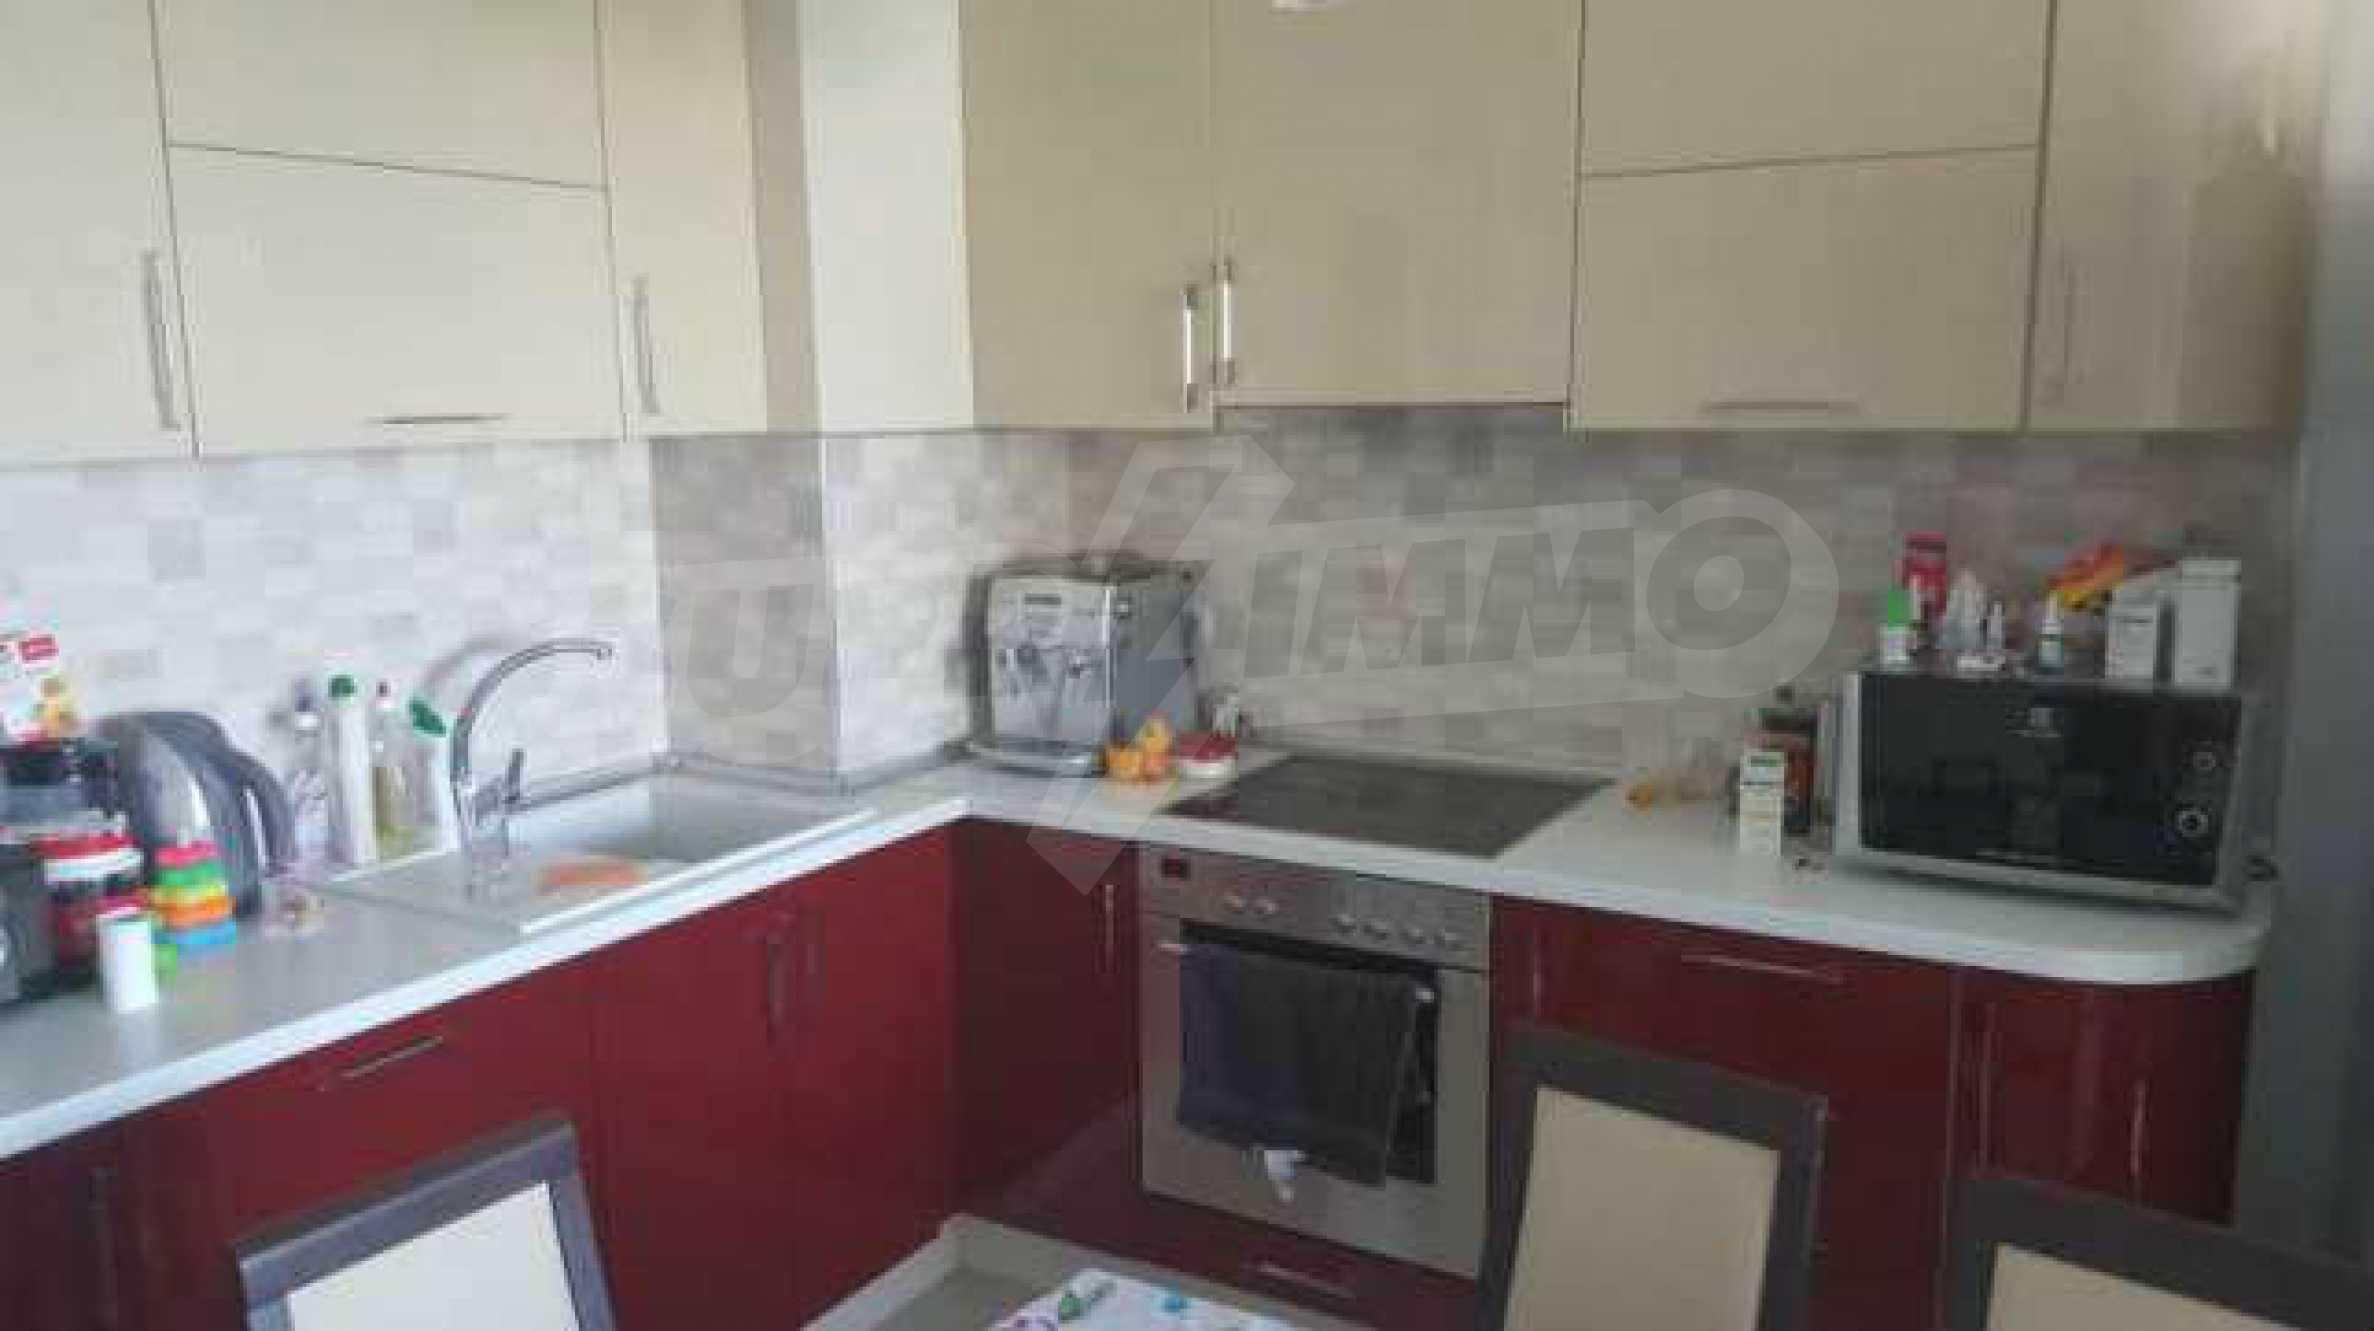 Тристаен апартамент ново строителство в предпочитан район на града 3